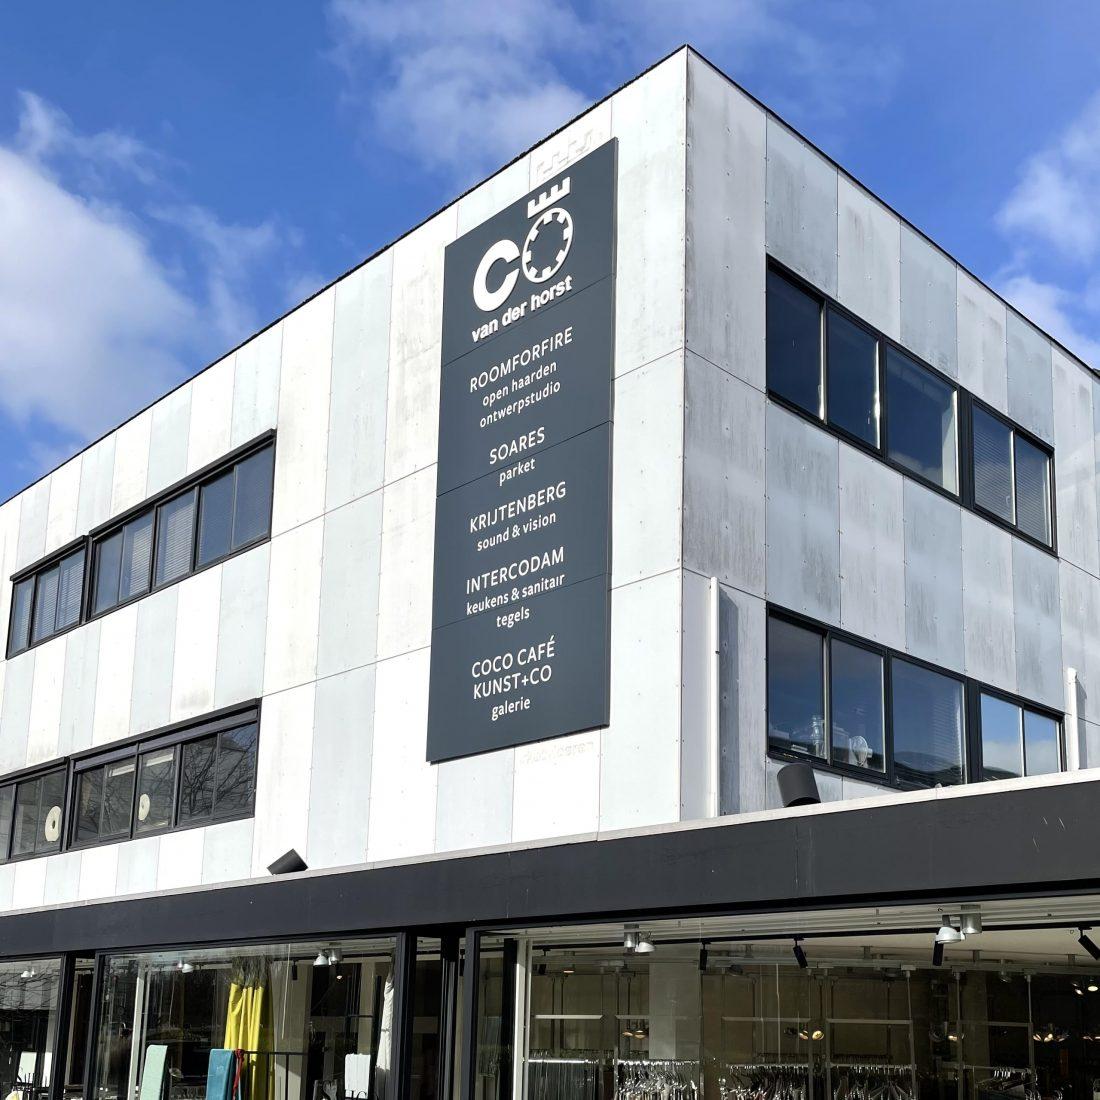 Co van der Horst buitenkant Studio Intercodam